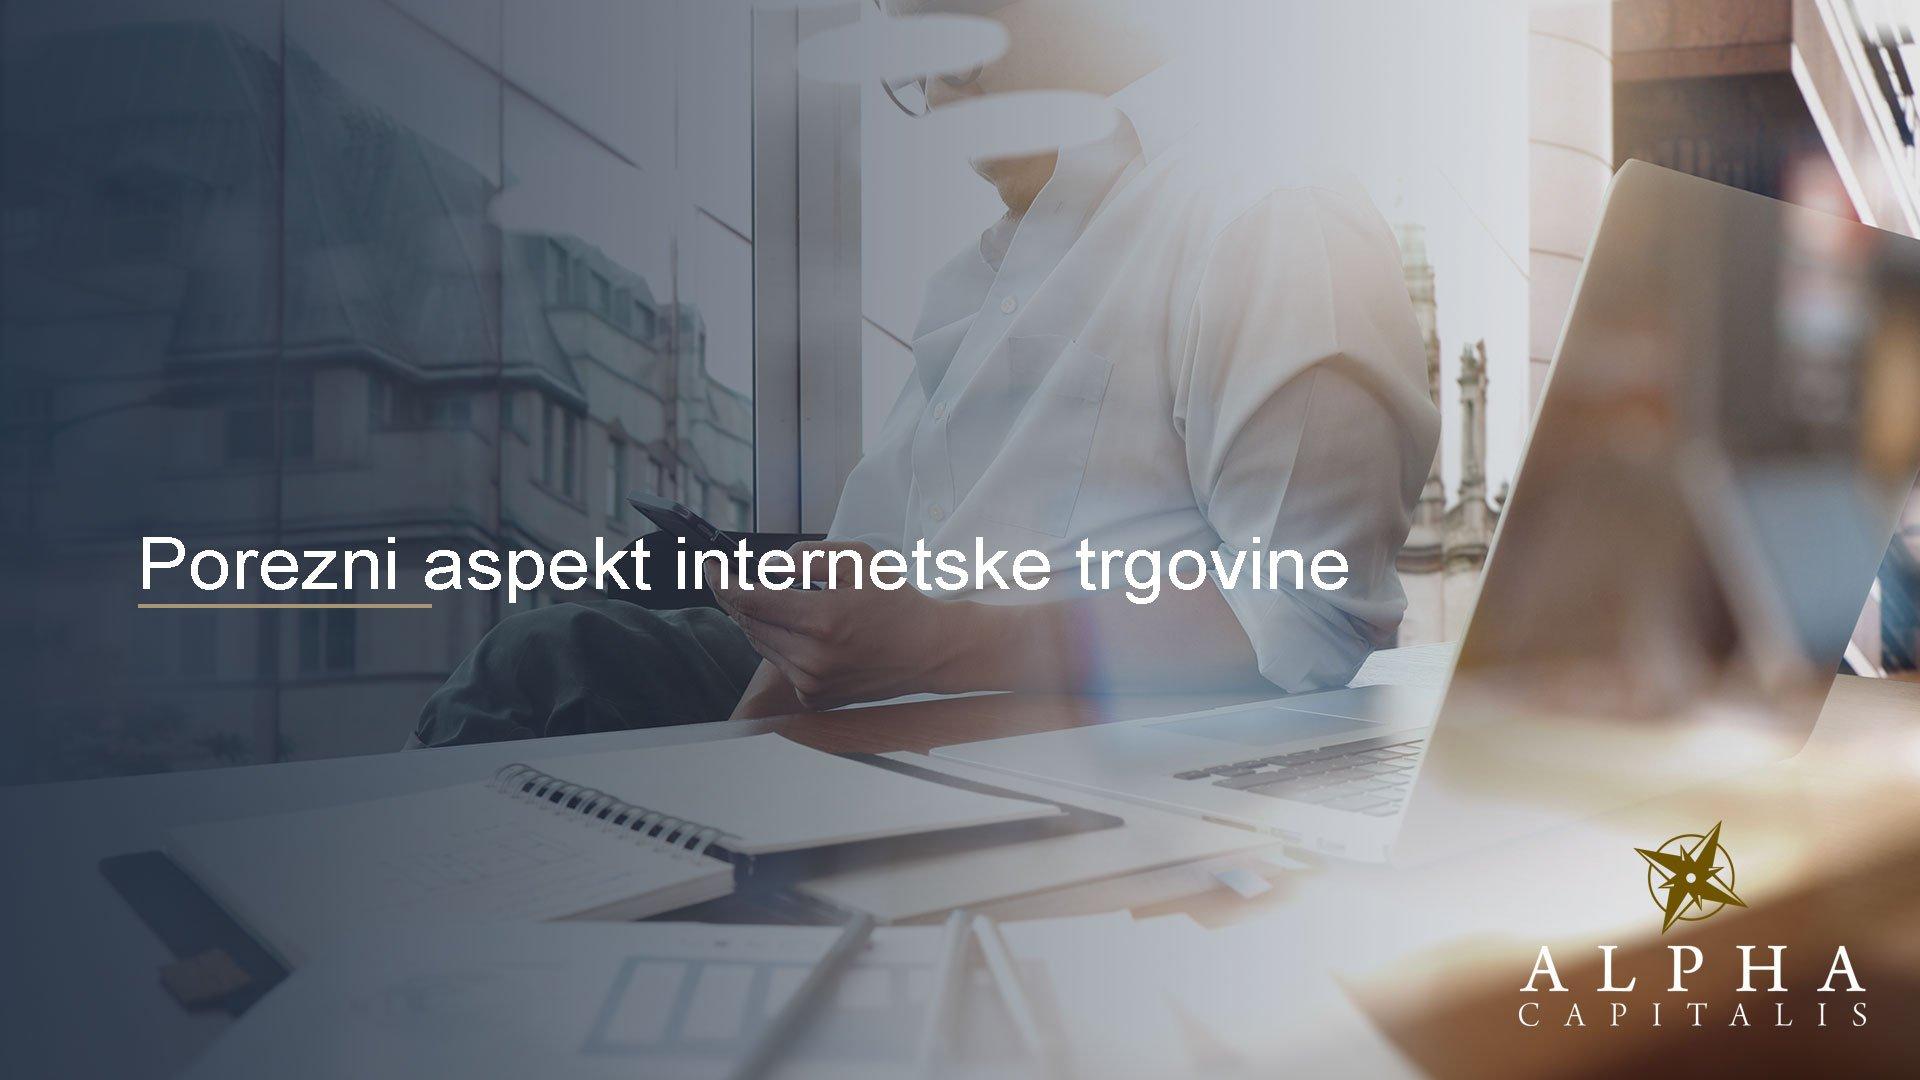 alpha-capitalis-novosti_porezni-aspekt-internetske-trgovine